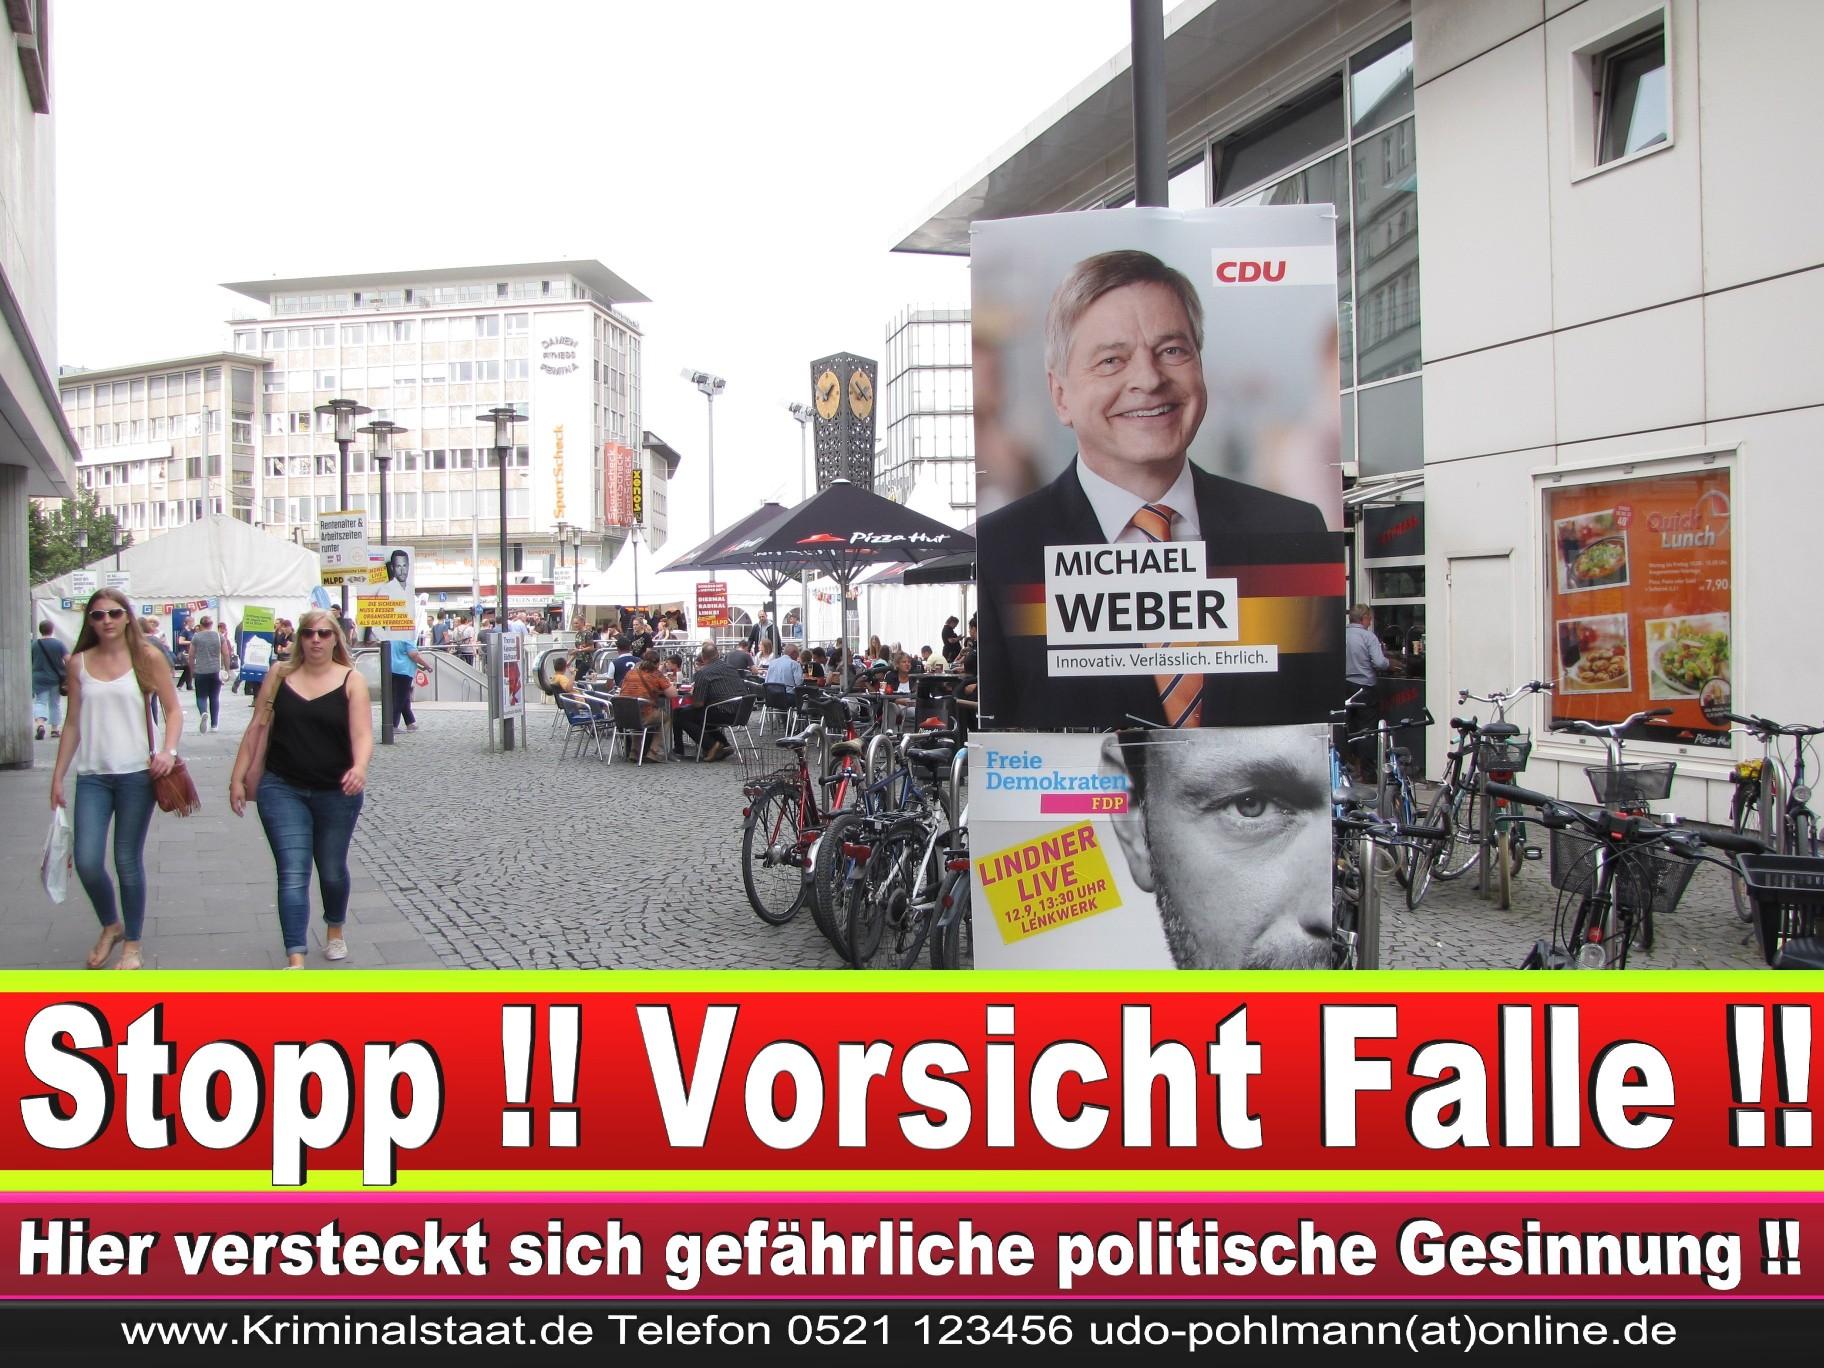 Wahlwerbung Wahlplakate Landtagswahl 2019 Europawahl CDU SPD FDP 2021 (45)